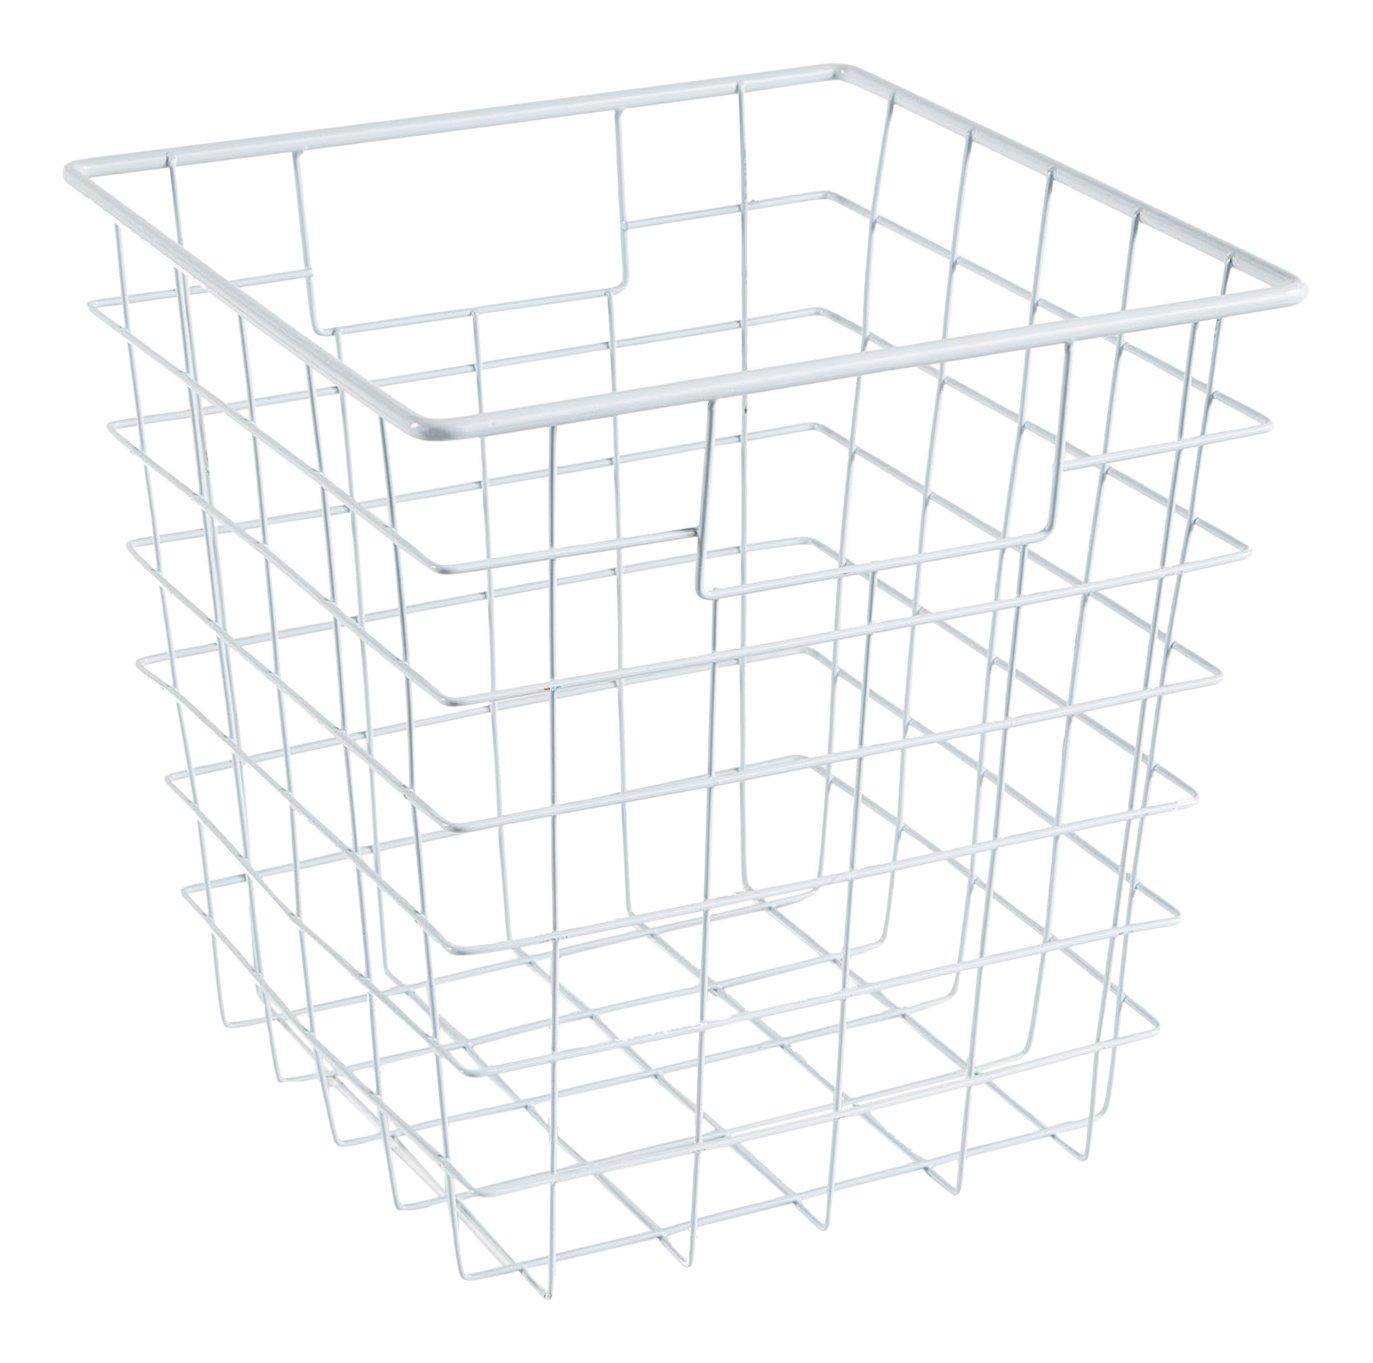 ClosetMaid 13032 Cubeicals Wire Storage Bin with Handles White